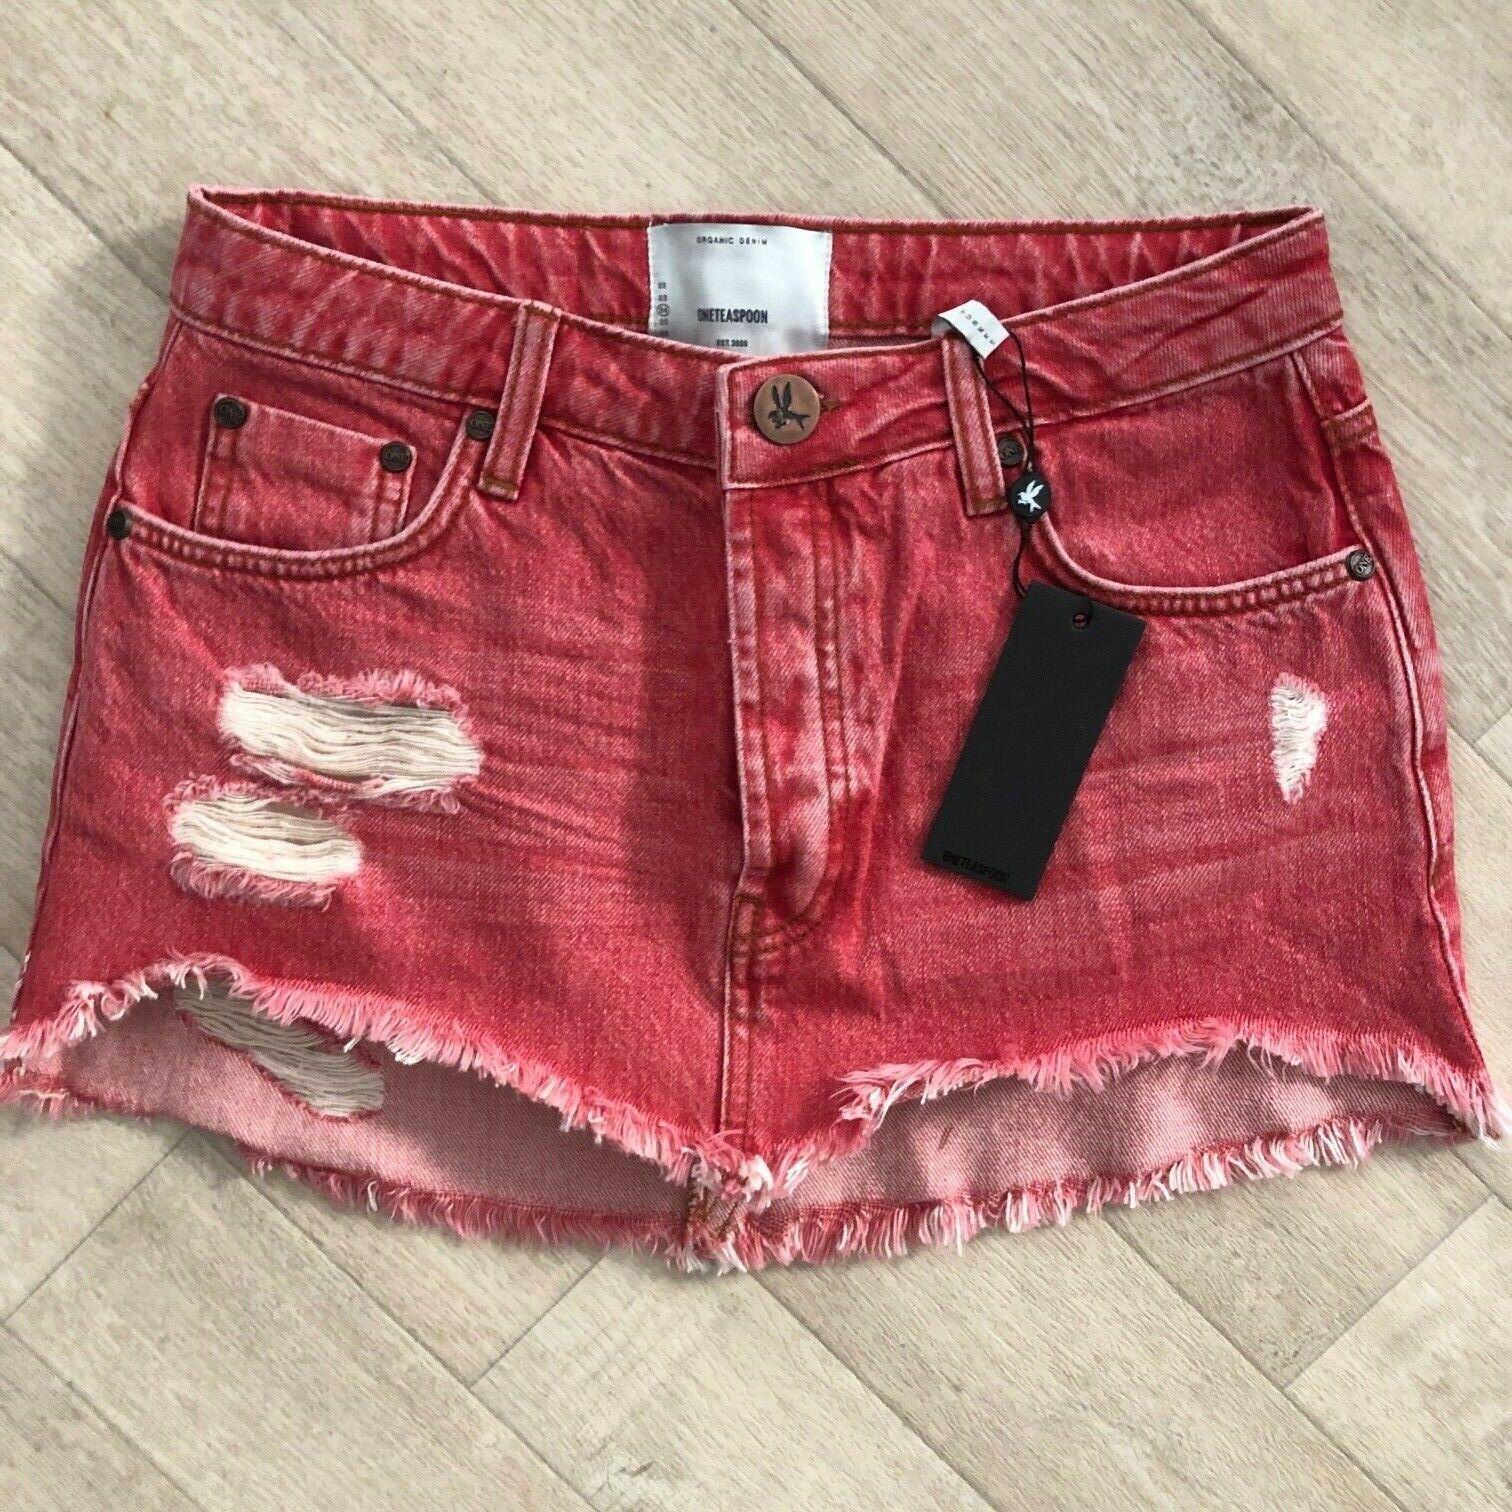 One Teaspoon JUNKYARD Mini Skirt rot Organic Jeans 23 24 25 26 27 28 29 30 Low